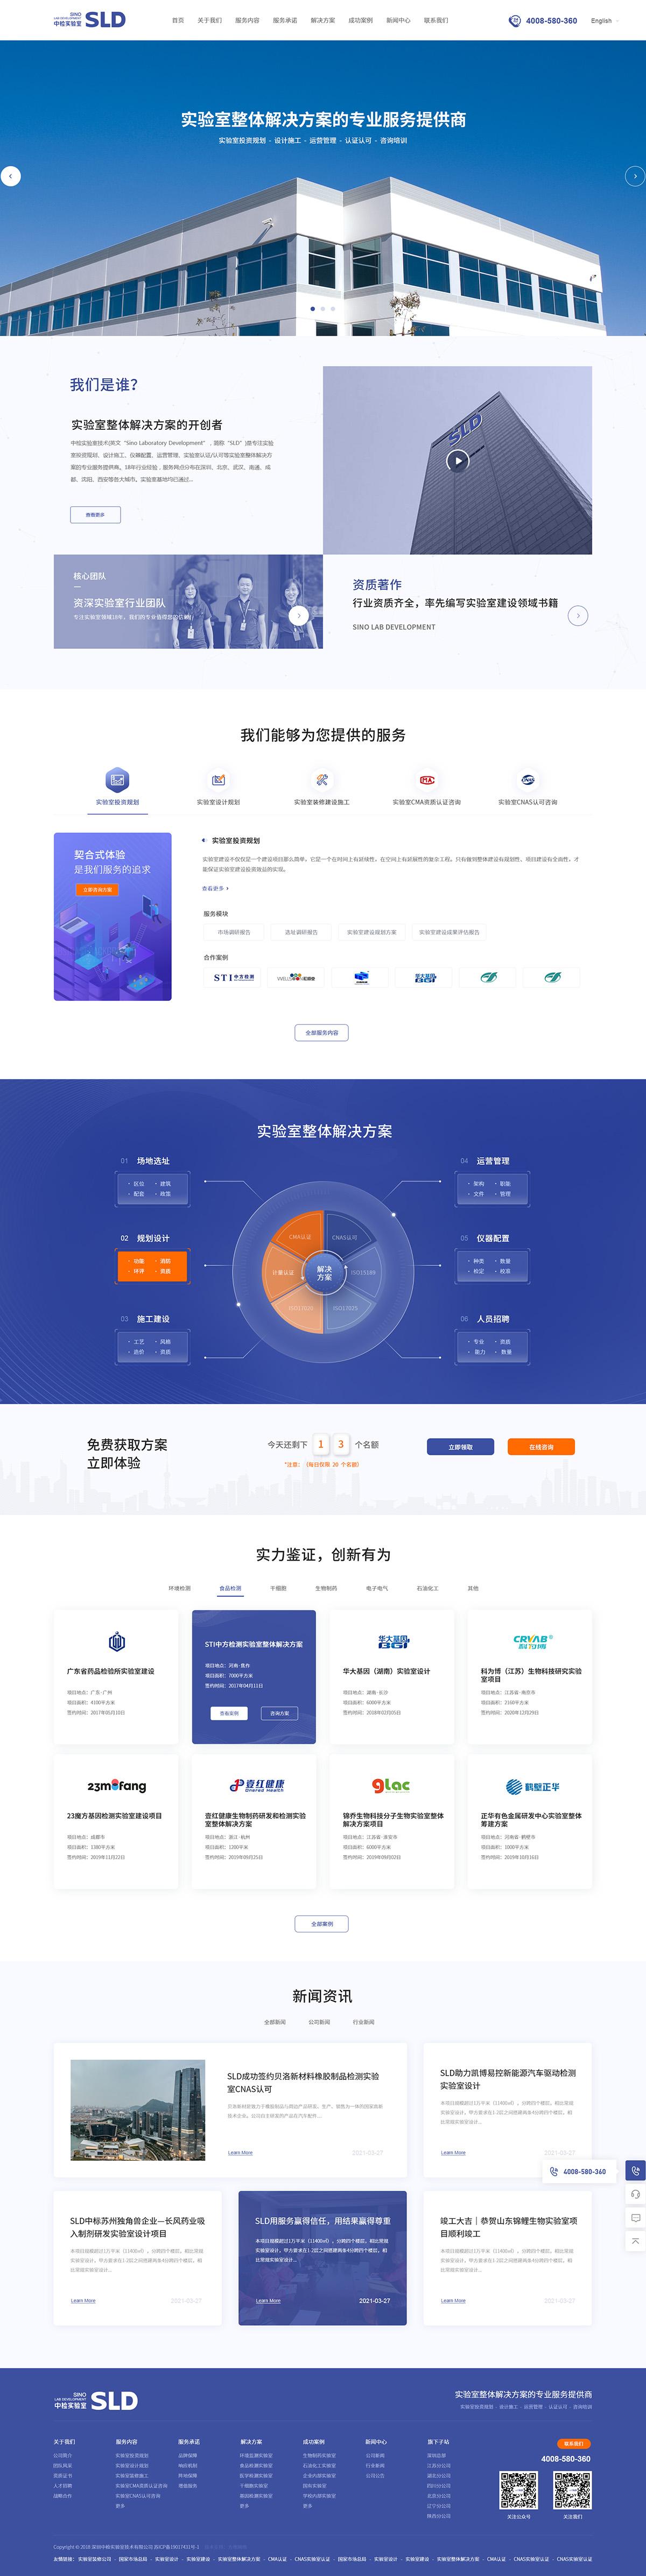 中检实验室技术网站案例